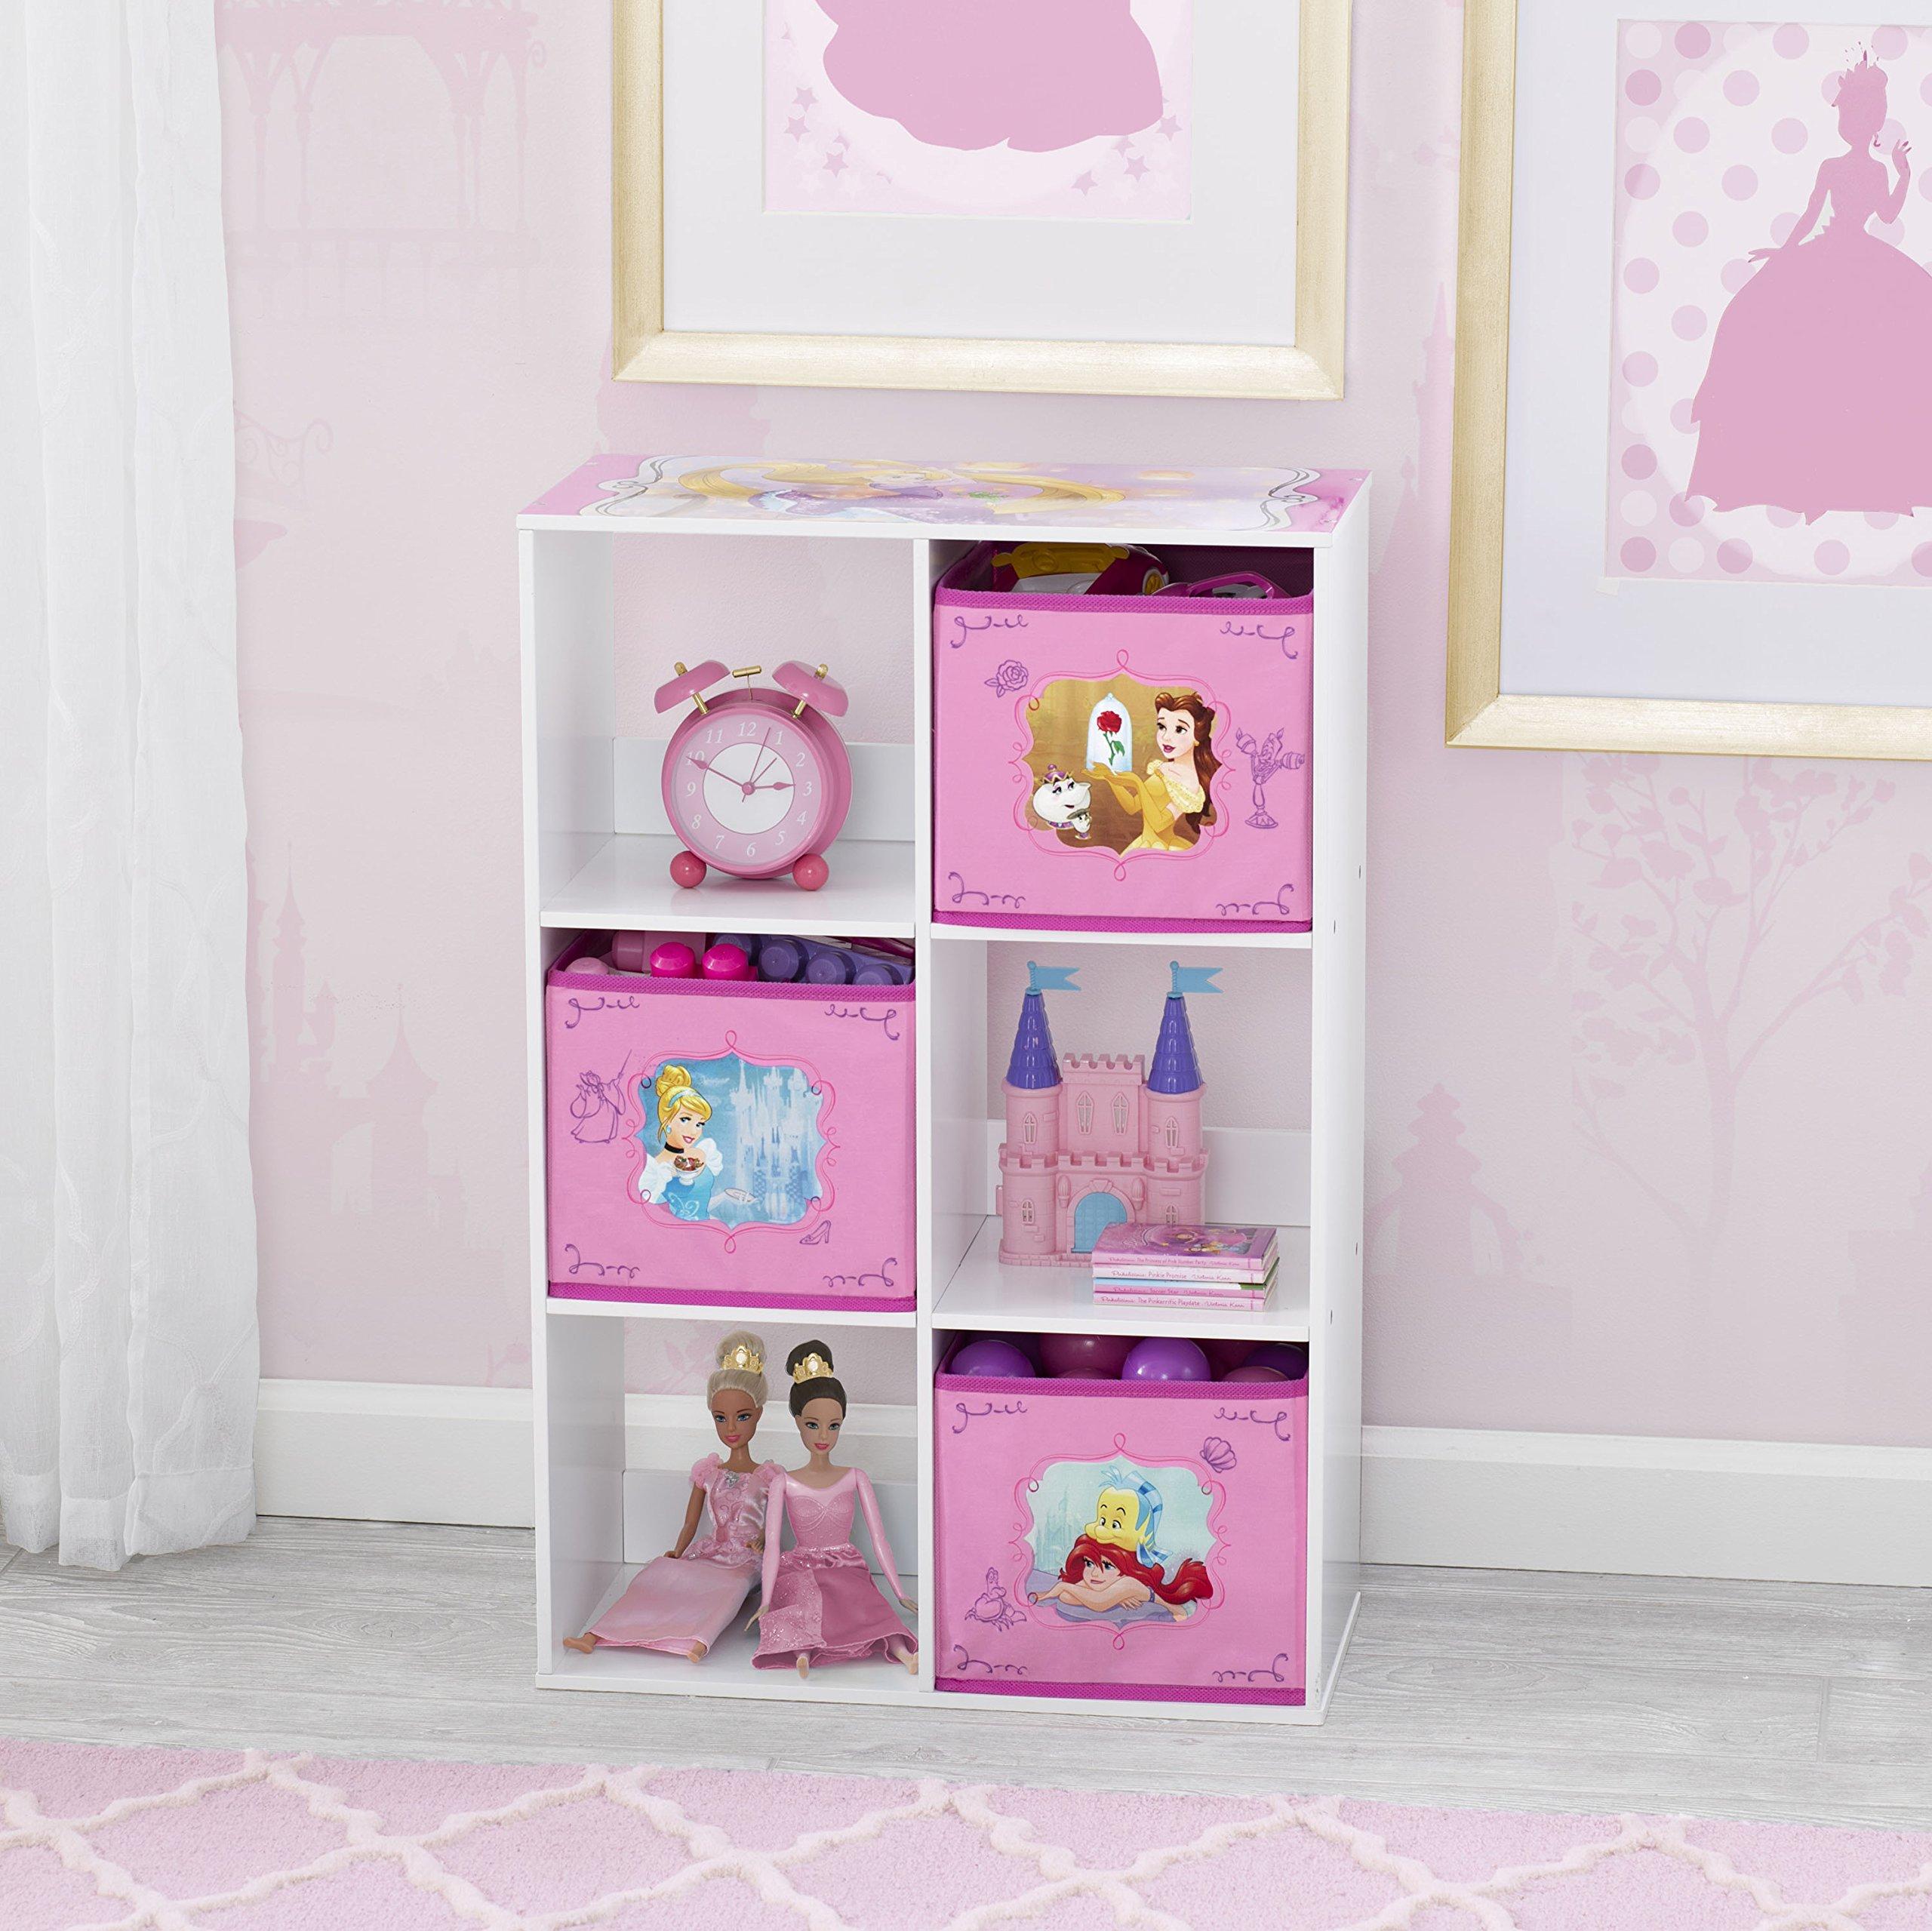 Delta Children 6 Cubby Storage Unit, Disney Princess by Delta Children (Image #1)